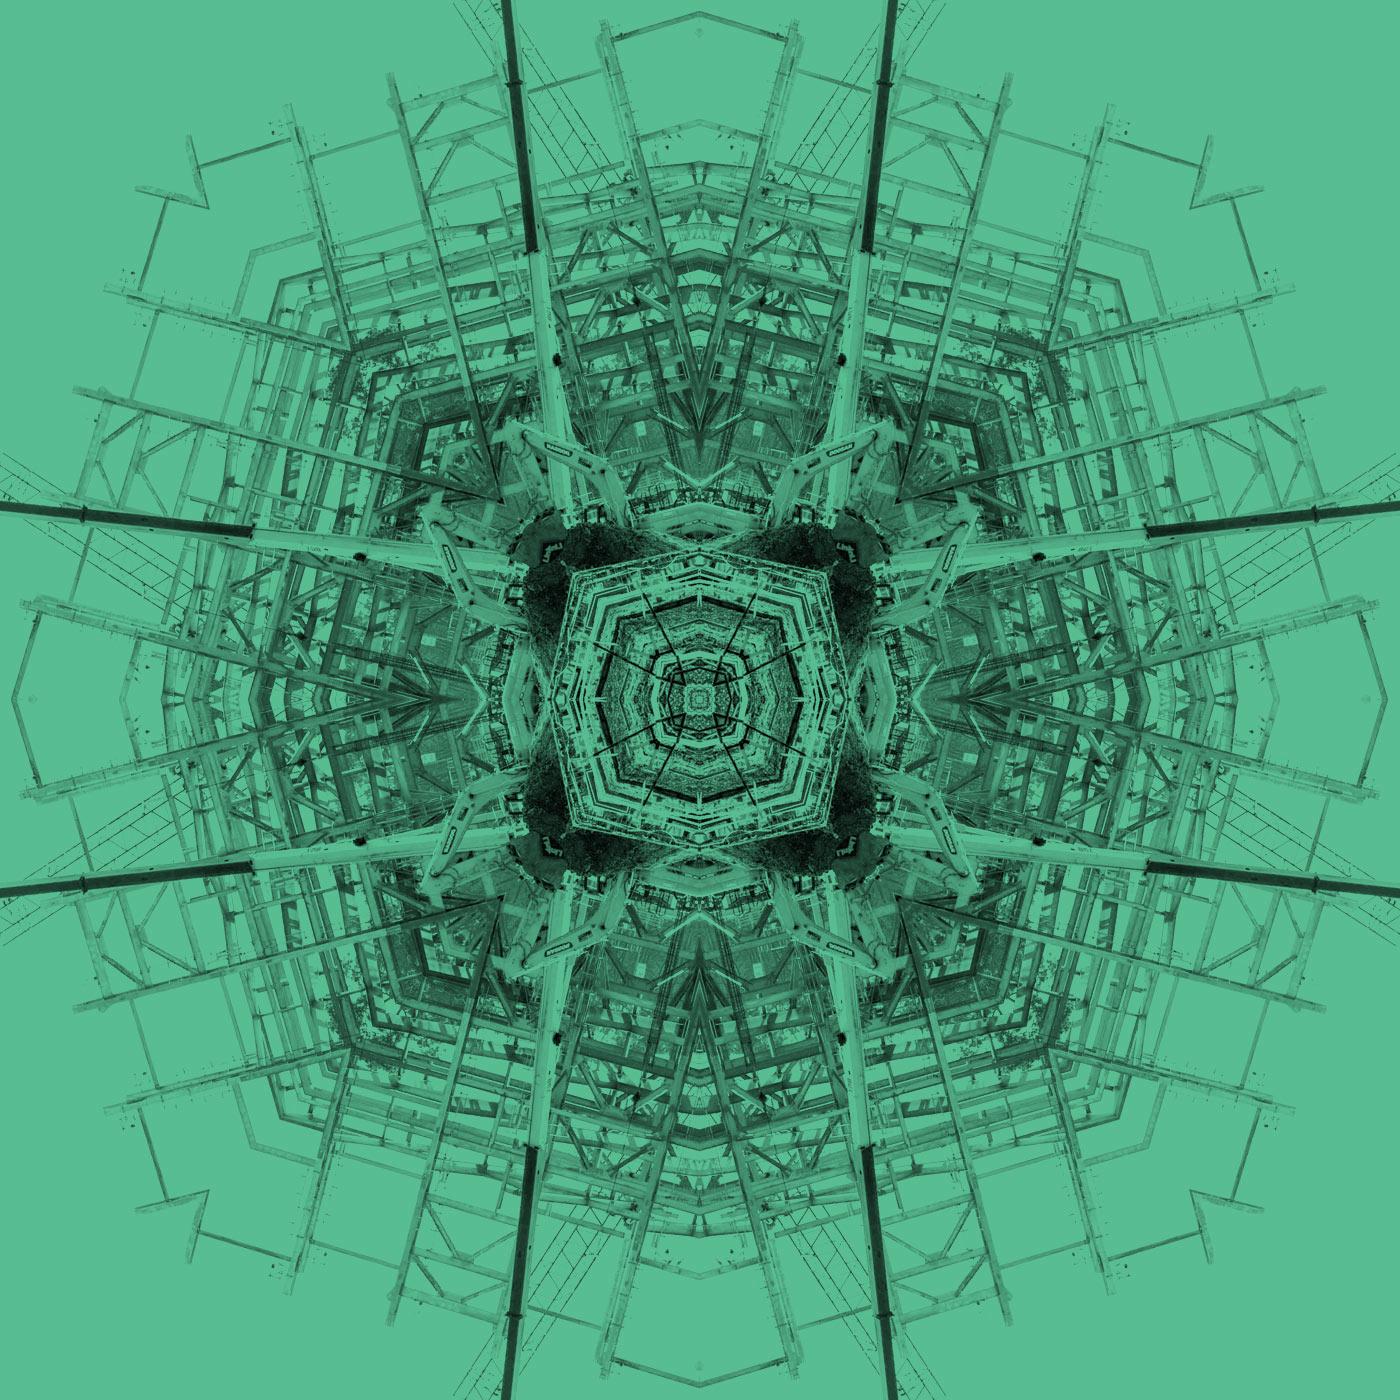 ECC_Illustrations_2_Large_Green_OnlyJones.jpg